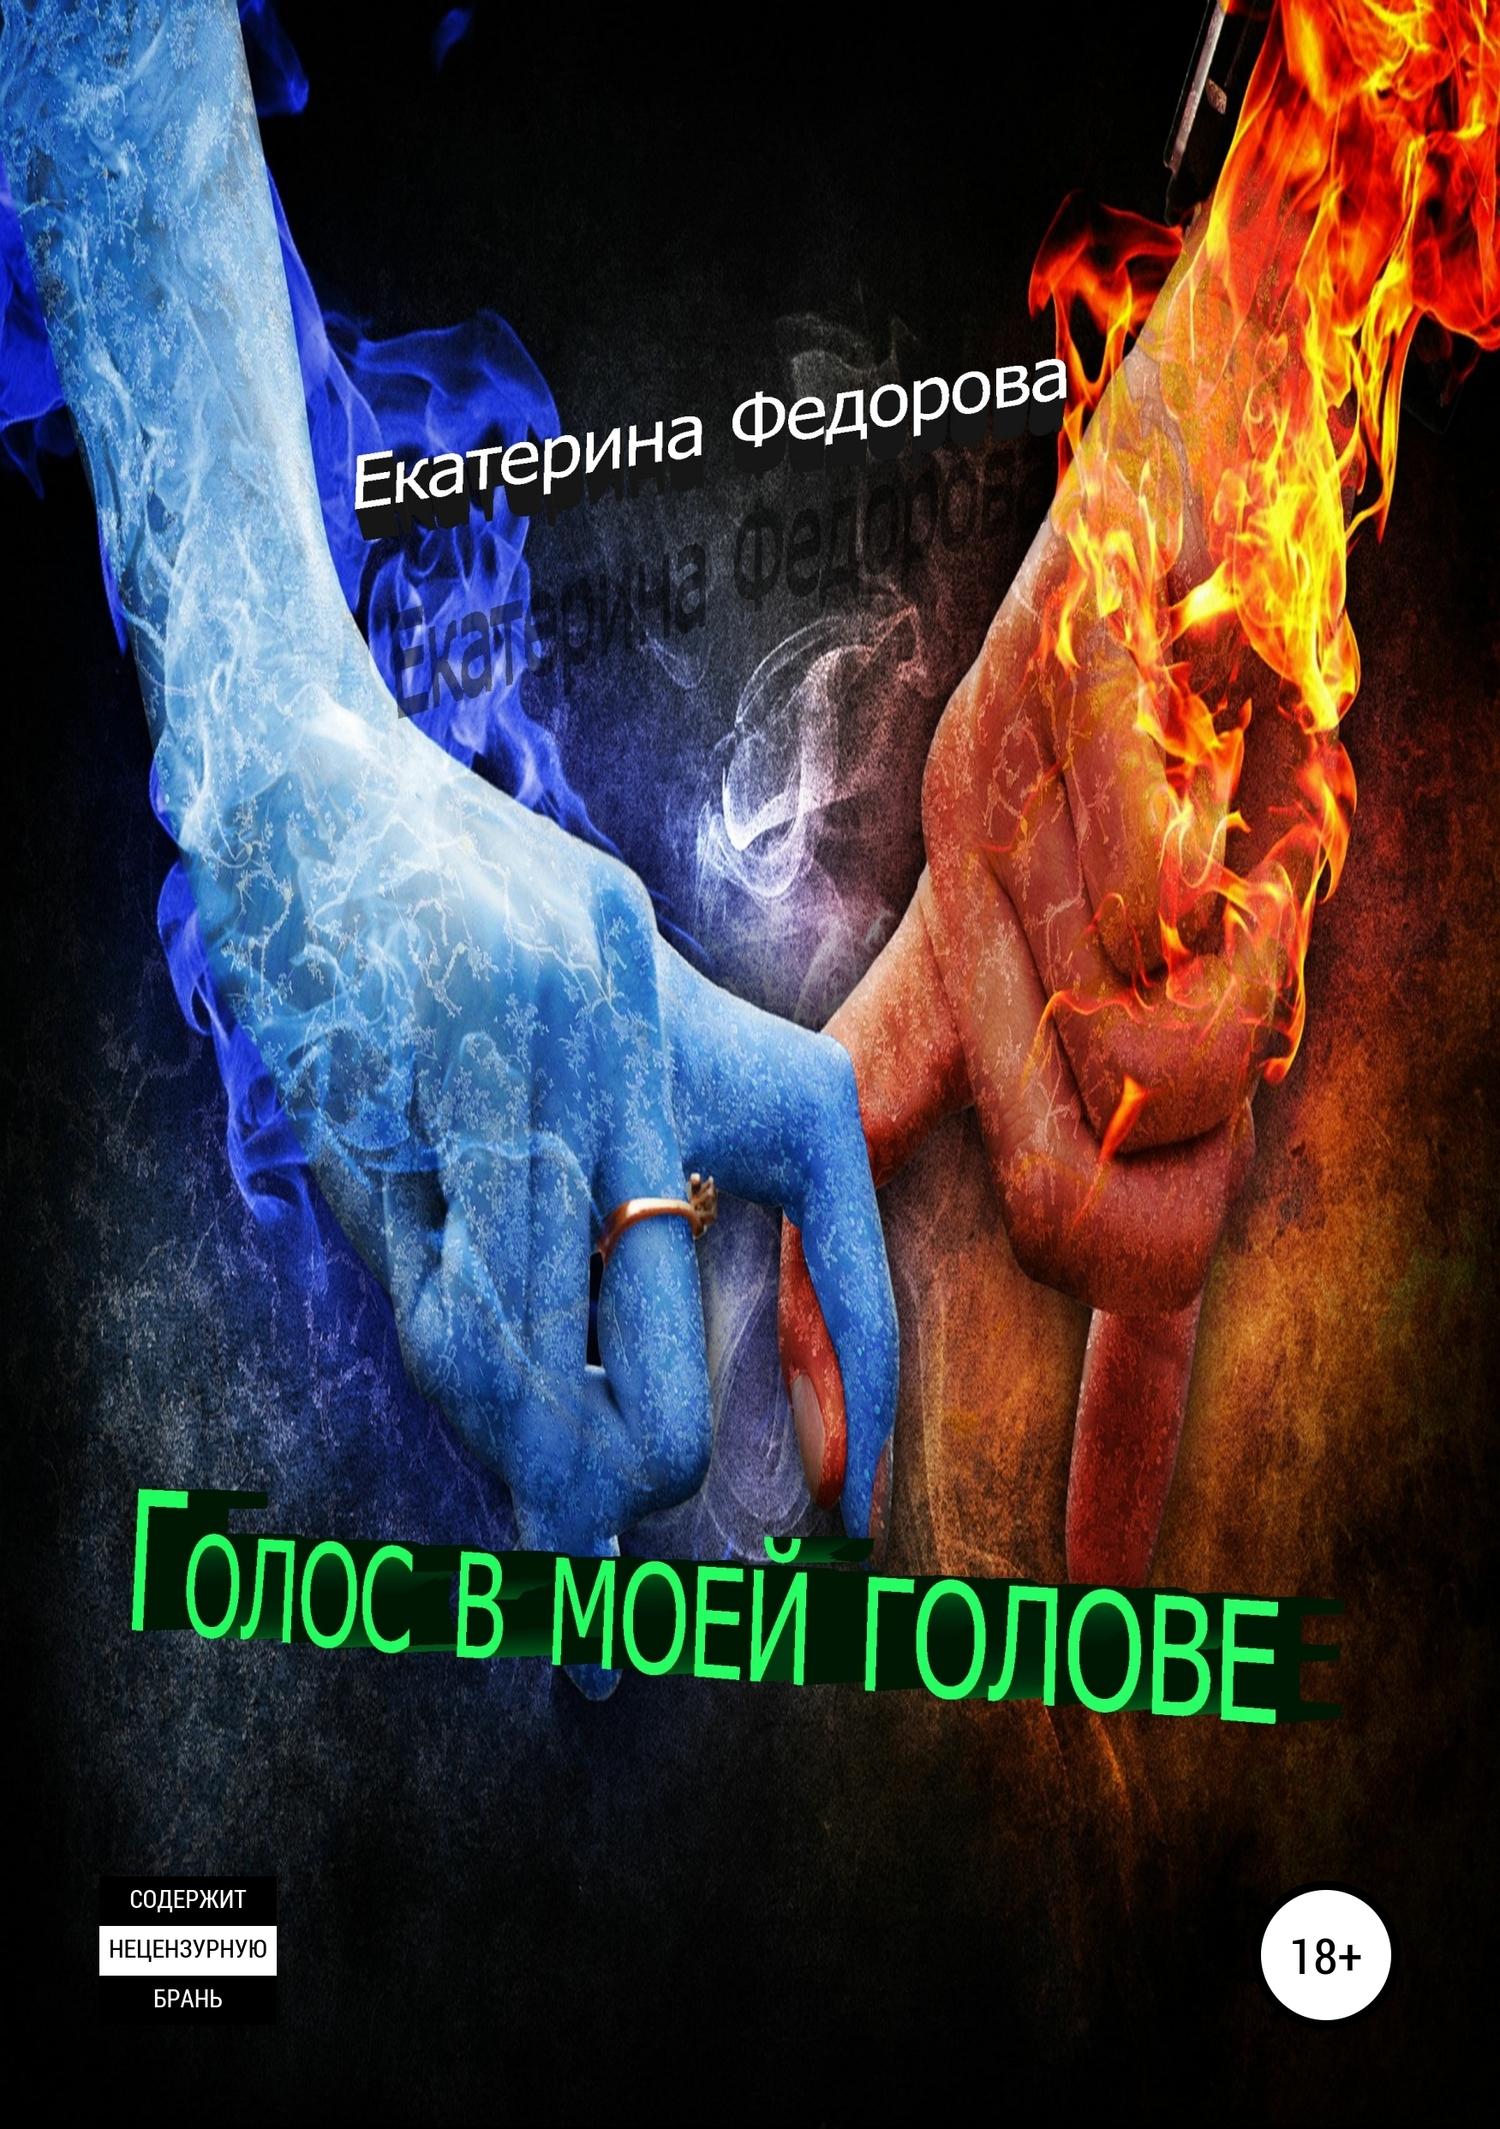 Екатерина Федорова - Голос в моей голове